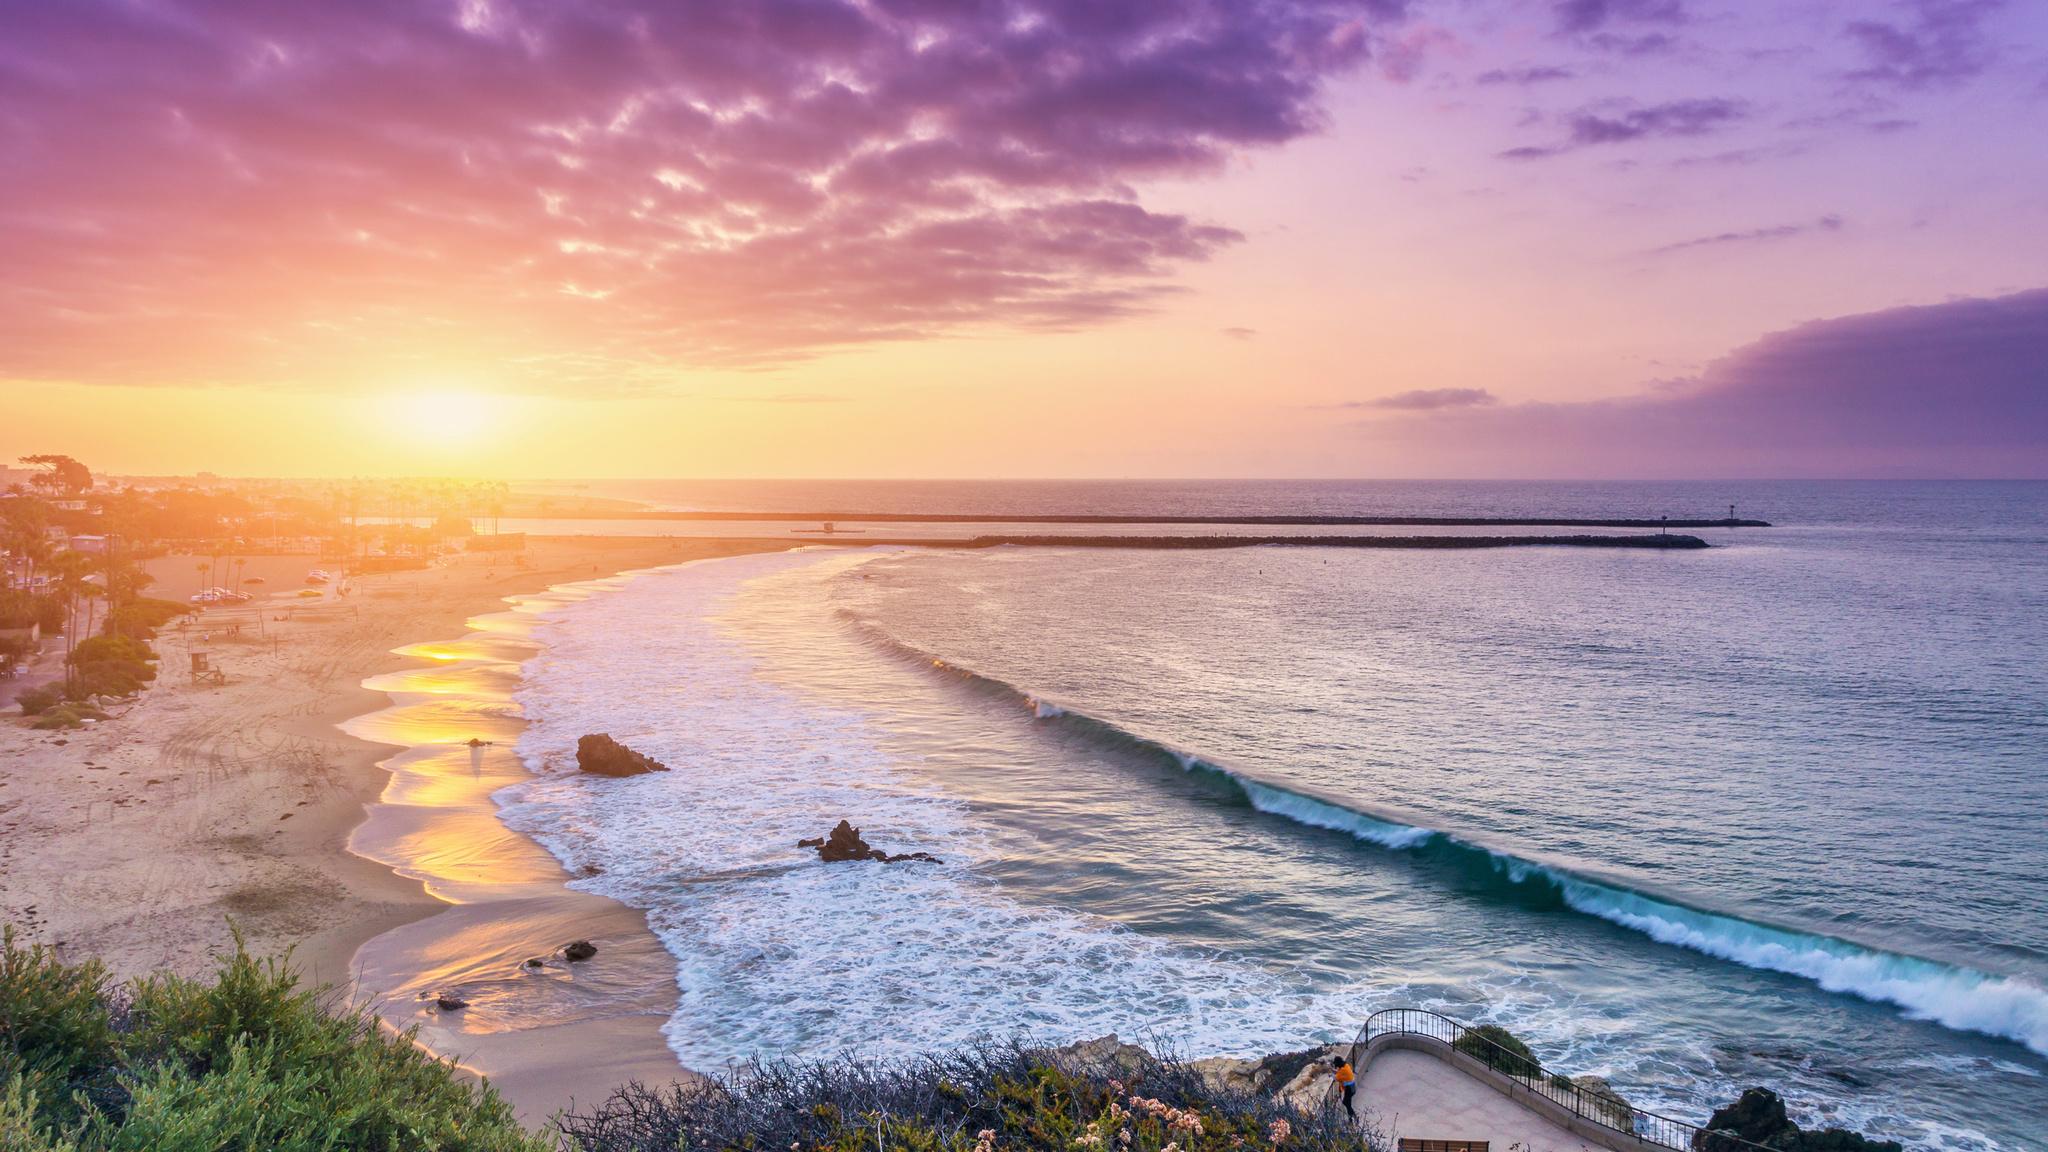 Corona del Mar Newport Beach (2048x1152)